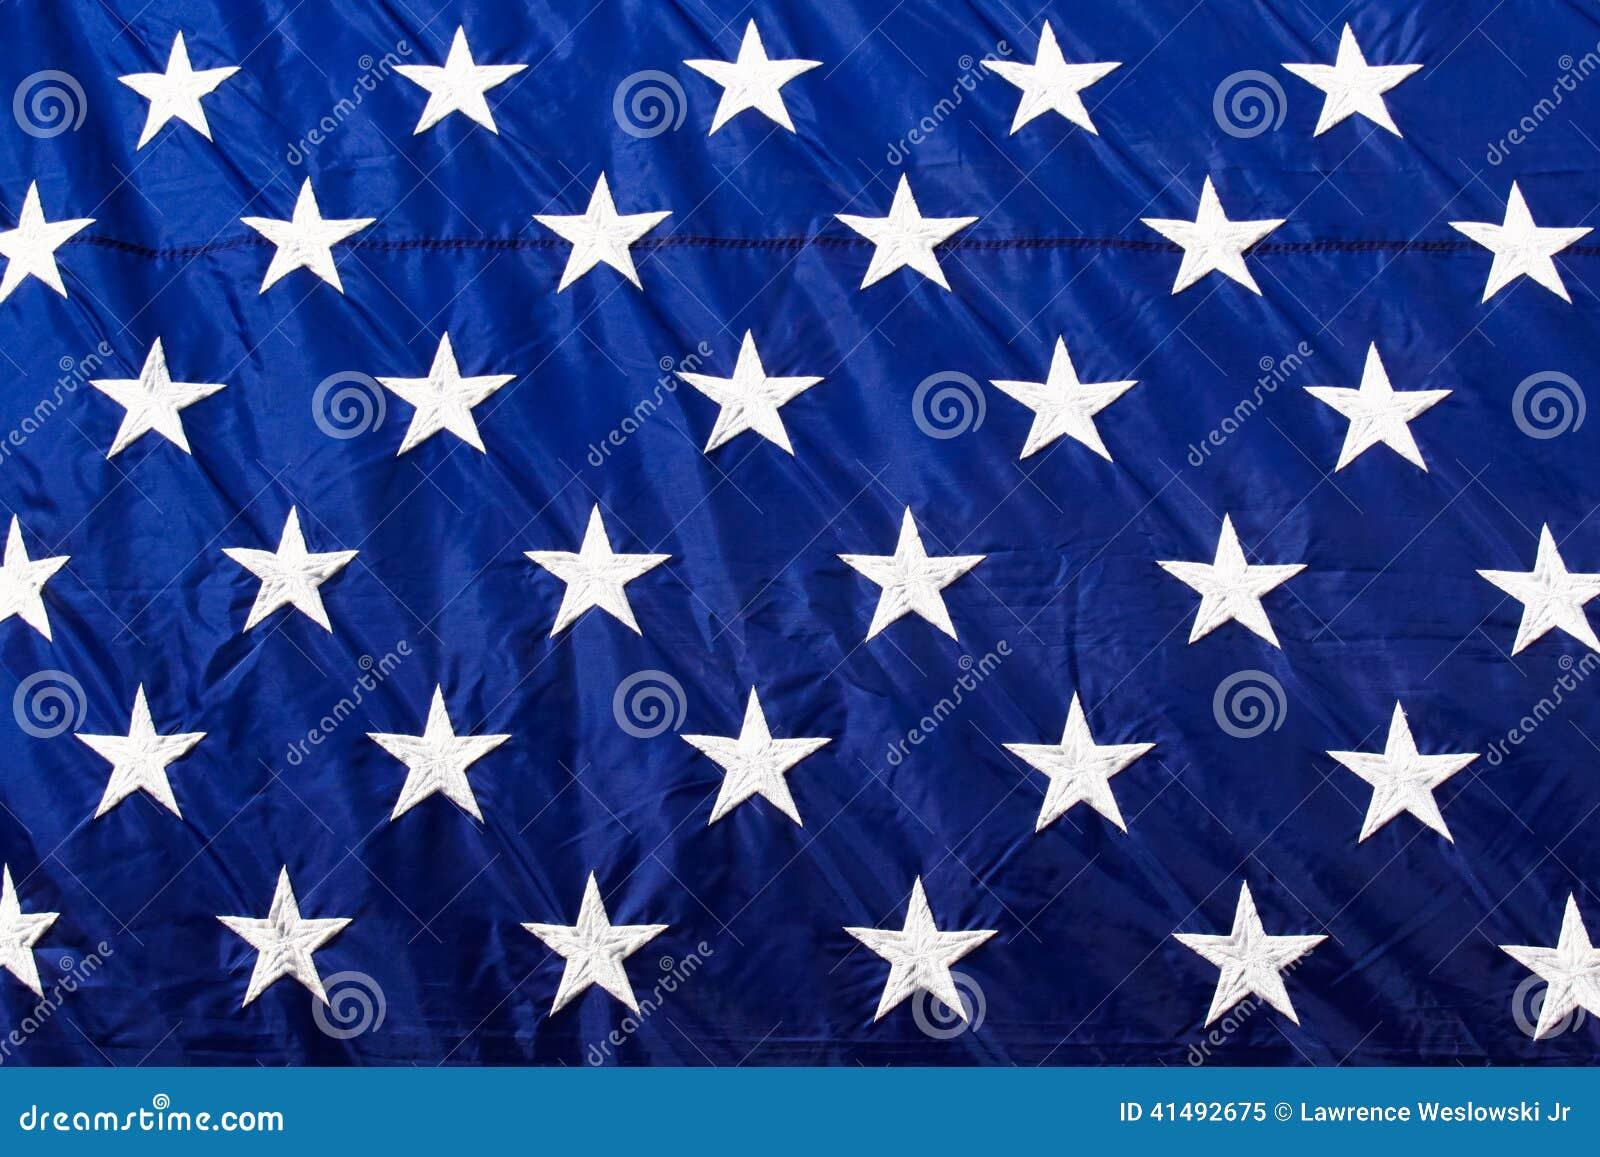 Αμερικανικών σημαιών μπλε υπόβαθρο αστεριών κινηματογραφήσεων σε πρώτο πλάνο άσπρο